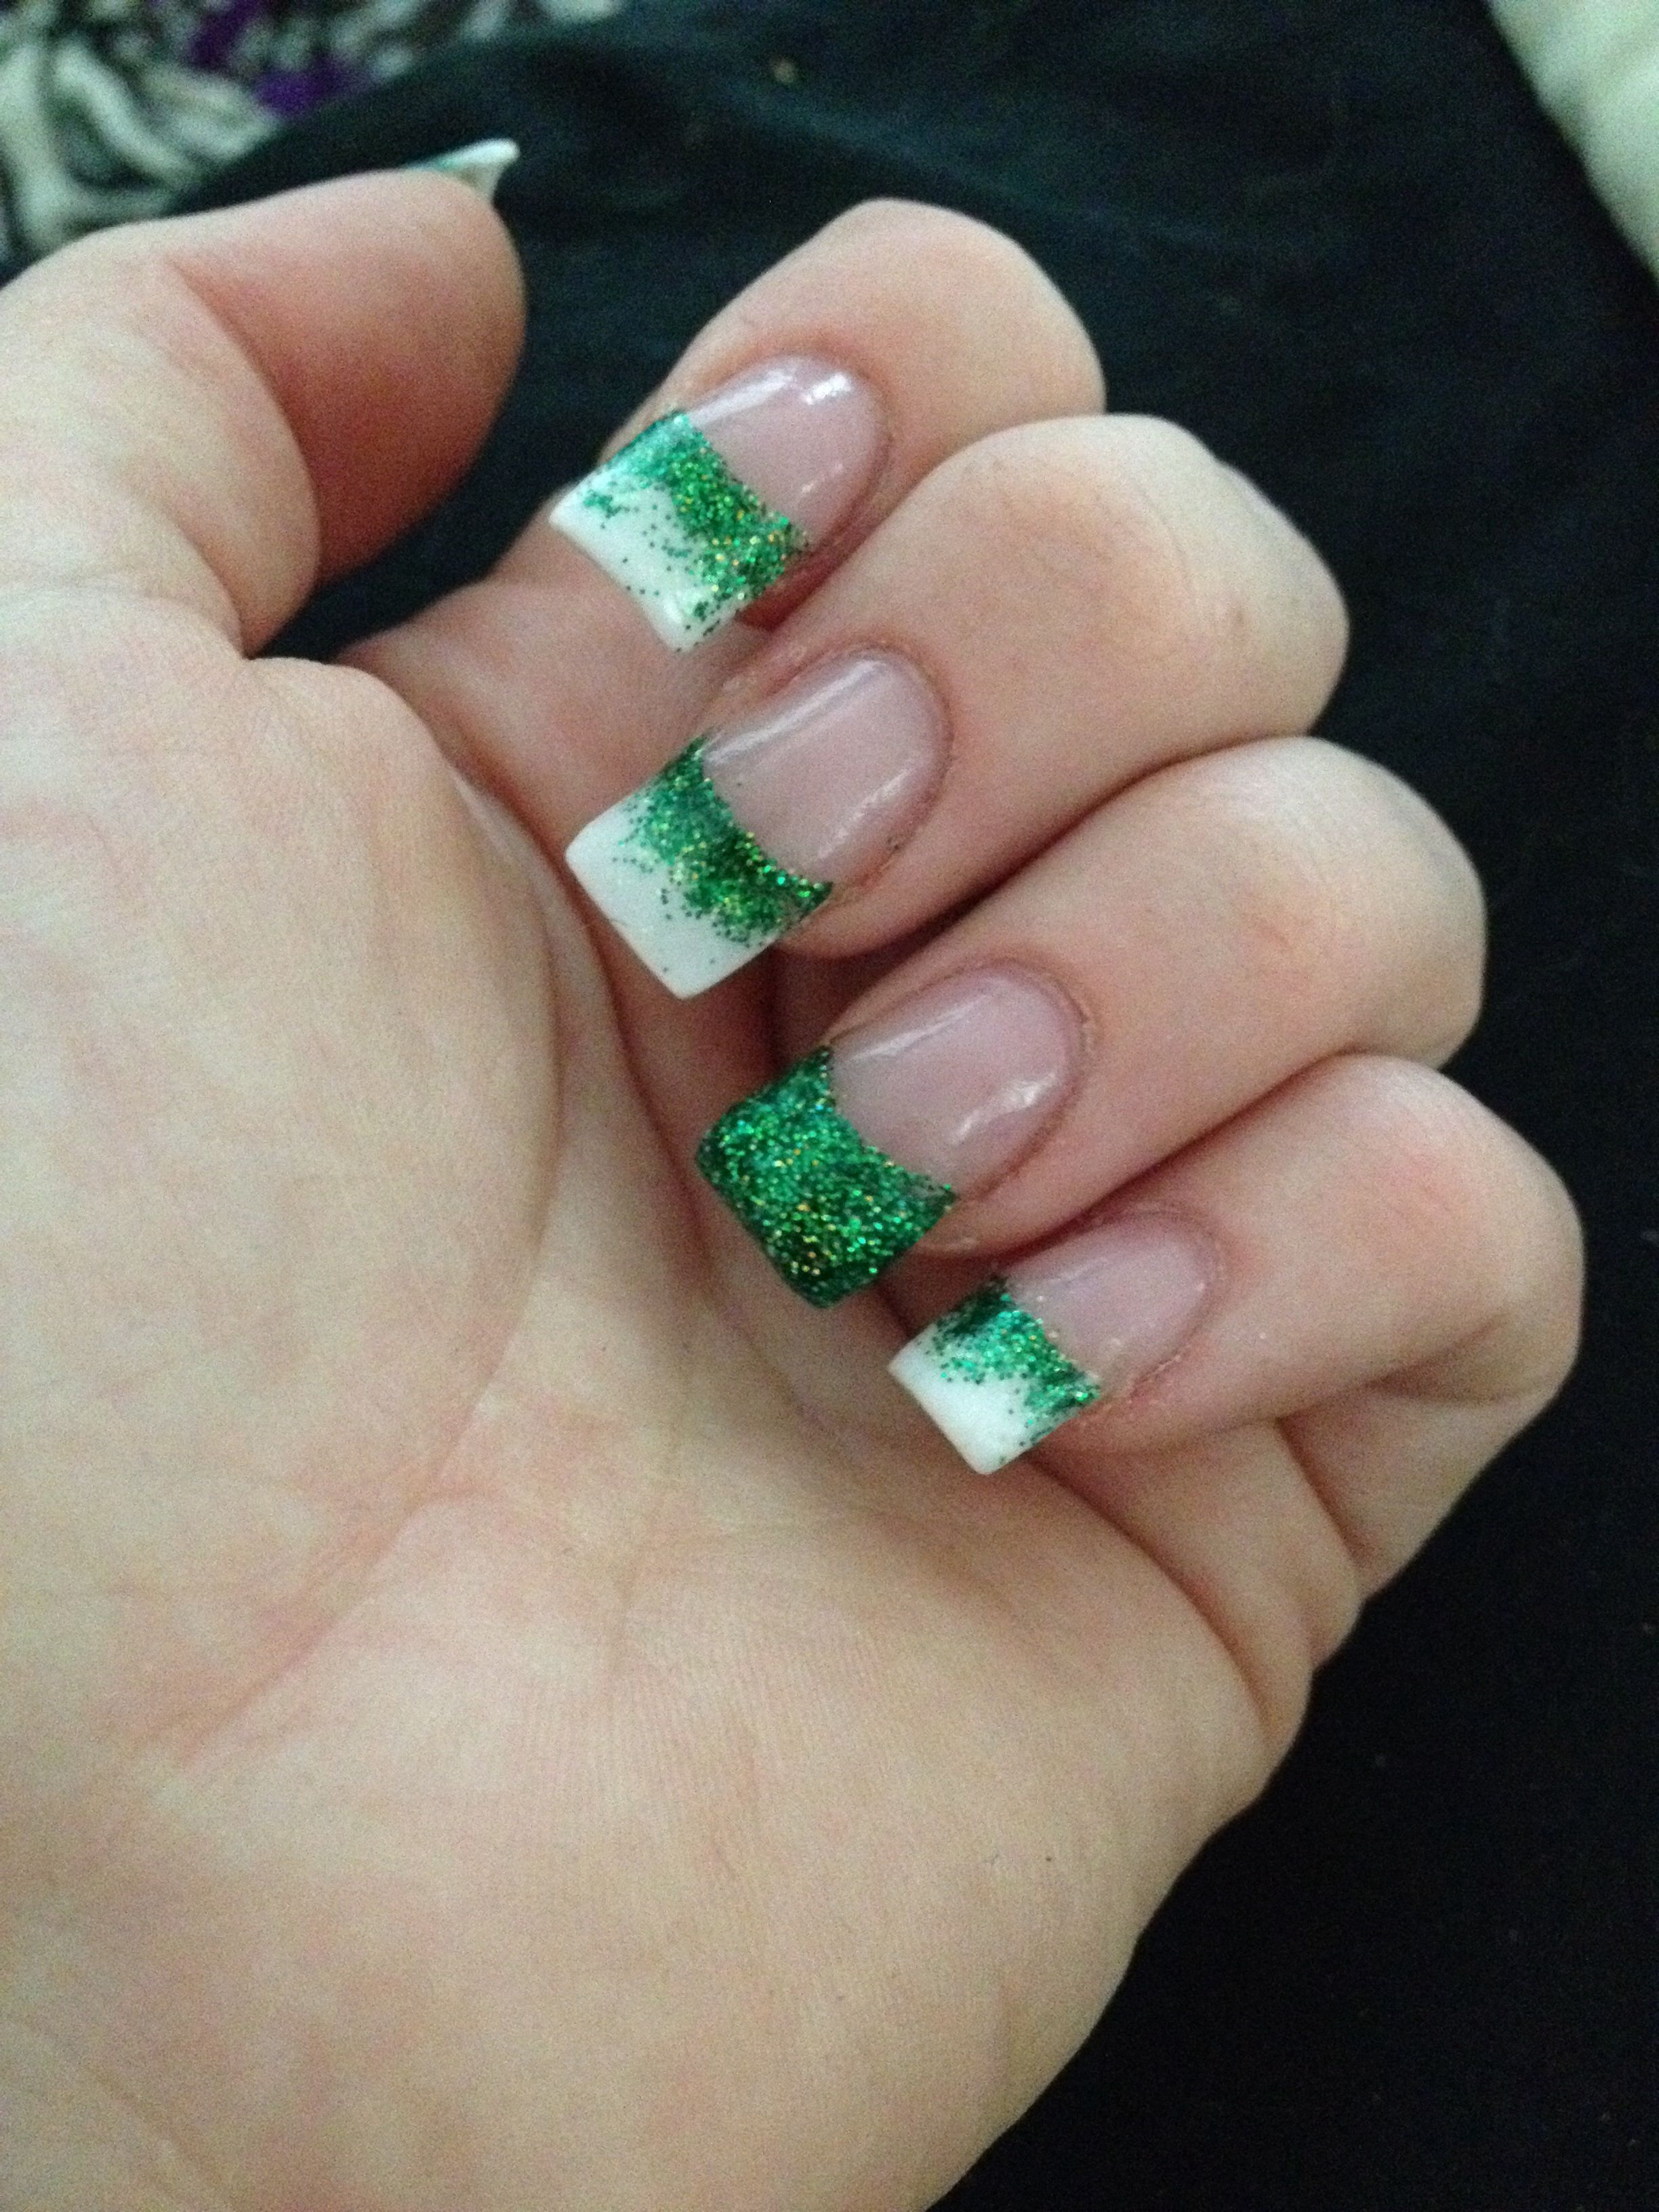 Saint Patricks day nails | St patricks day nails, Irish ...